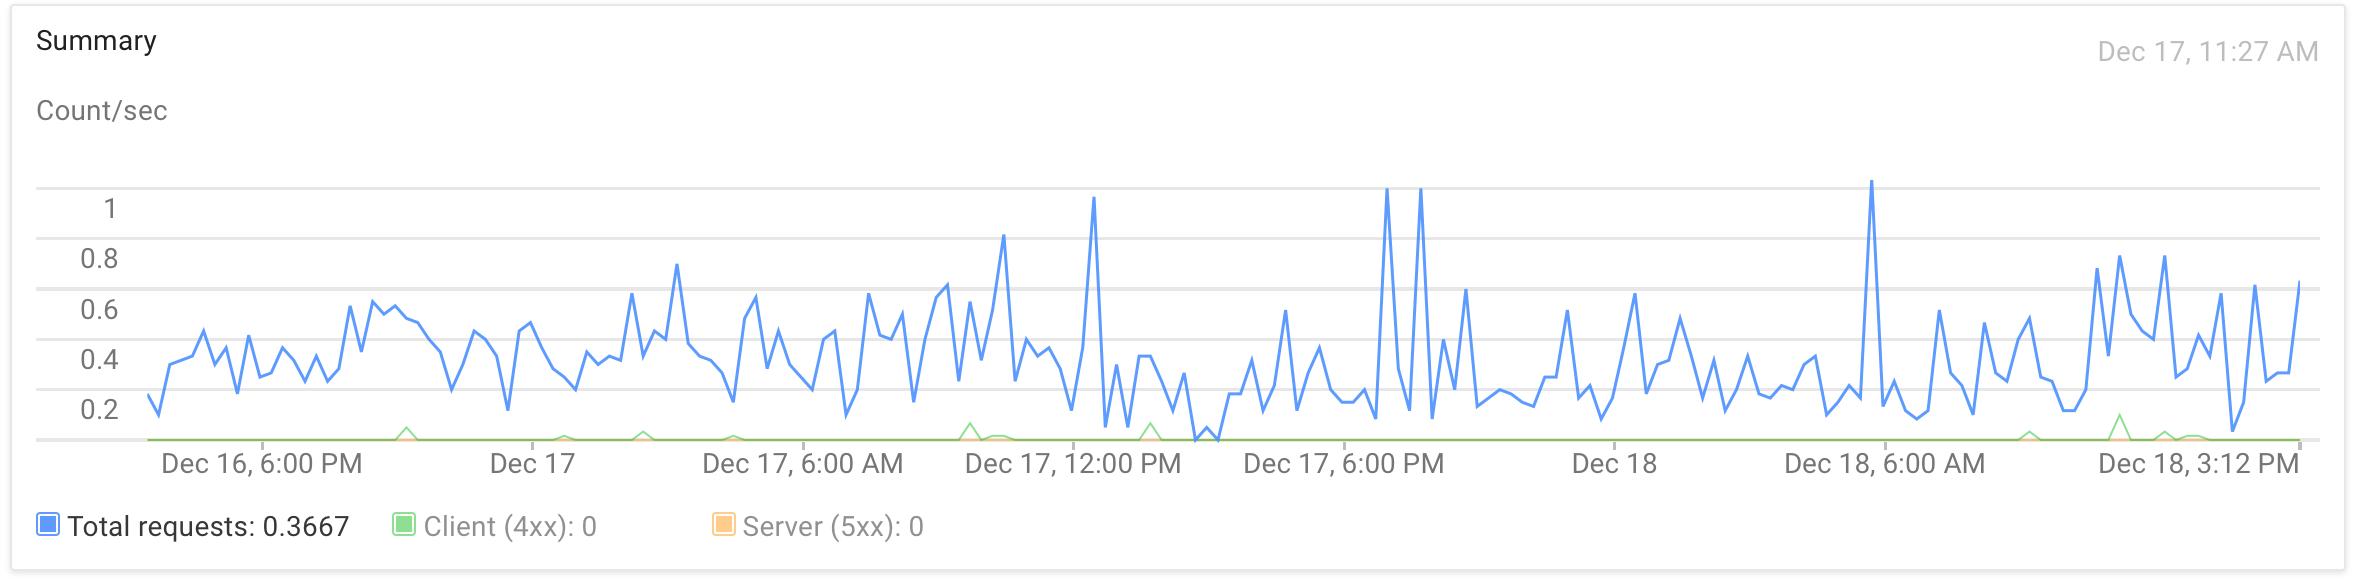 screen shot 2015-12-18 at 3 13 24 pm